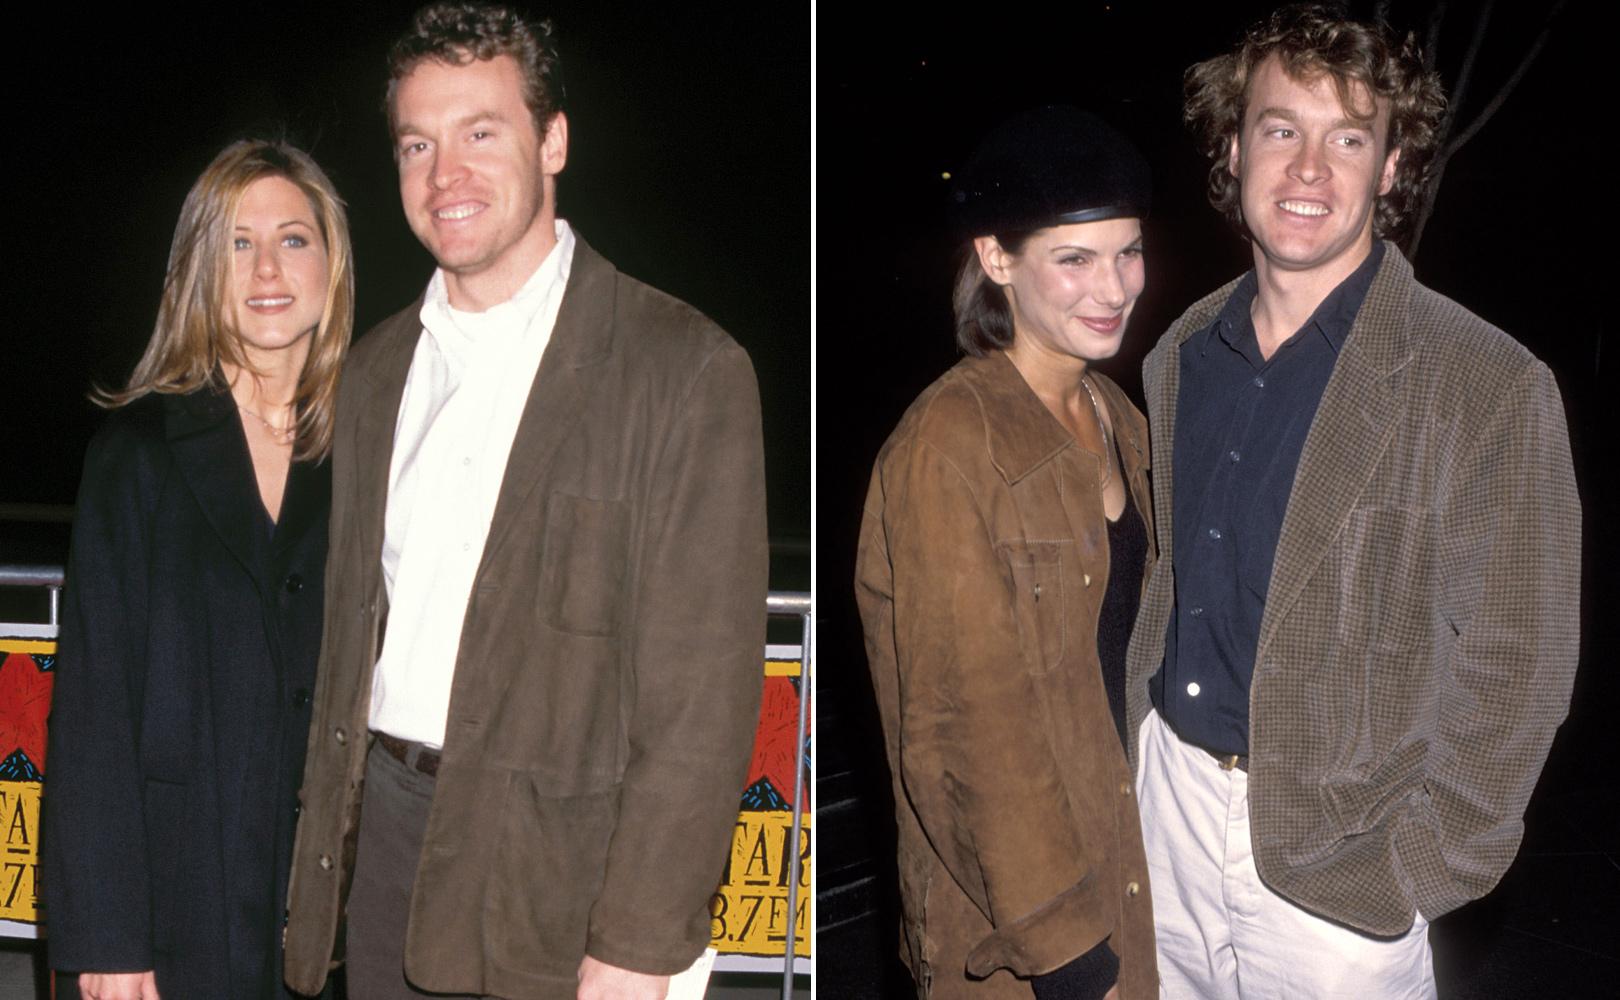 Jennifer Aniston và Sandra Bullock trong thời gian hẹn hò với Tate Donovan.